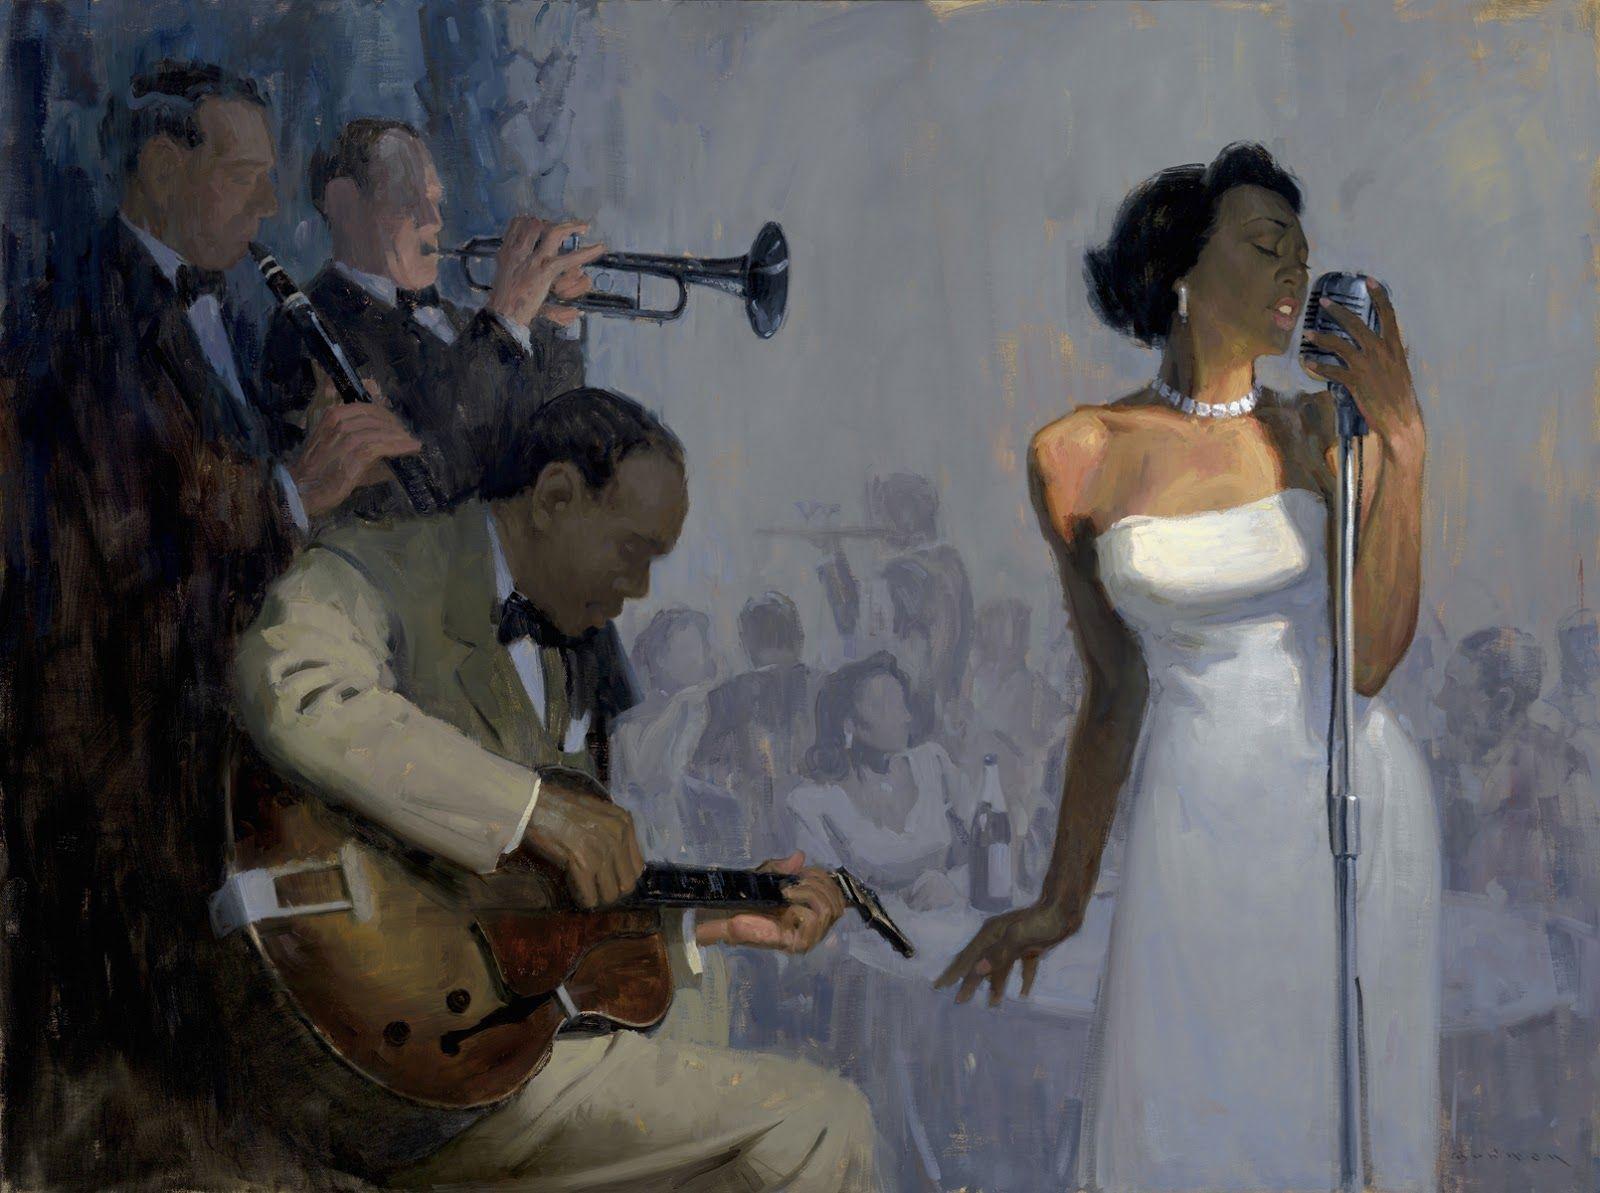 поверить, картинки в стиле джаз и блюз наверняка для всех